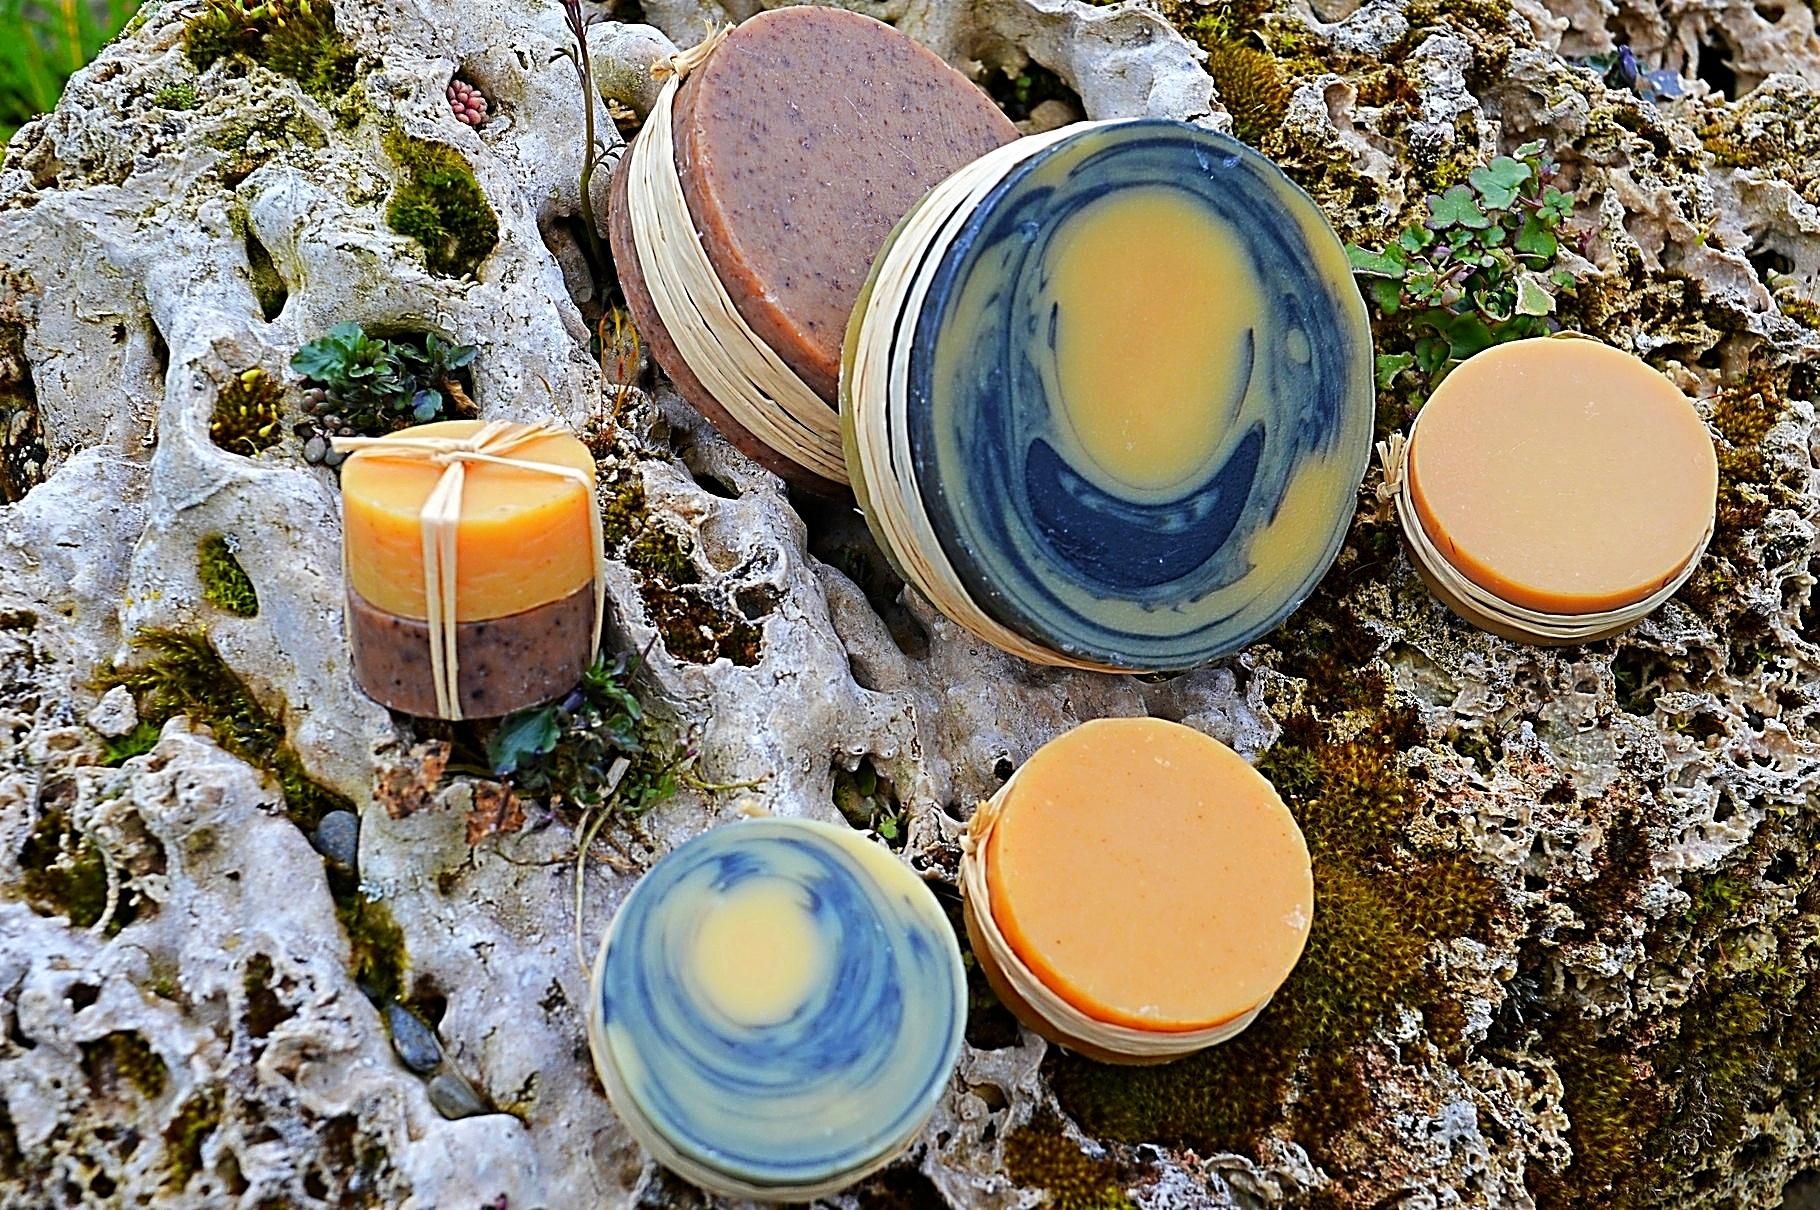 Mélange de savons naturels saponifiés à froid.